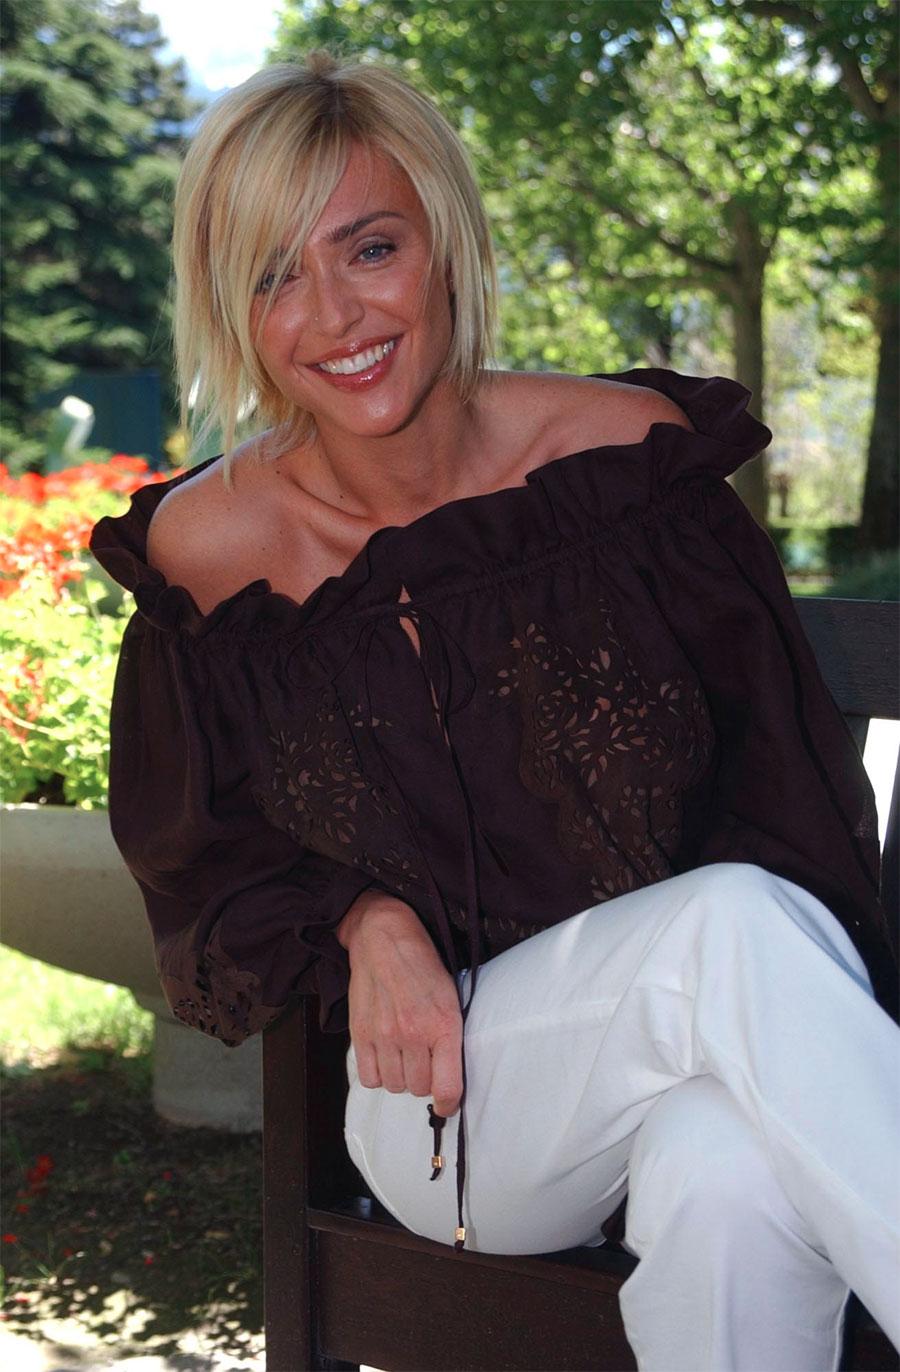 Paola Barale (born 1967)